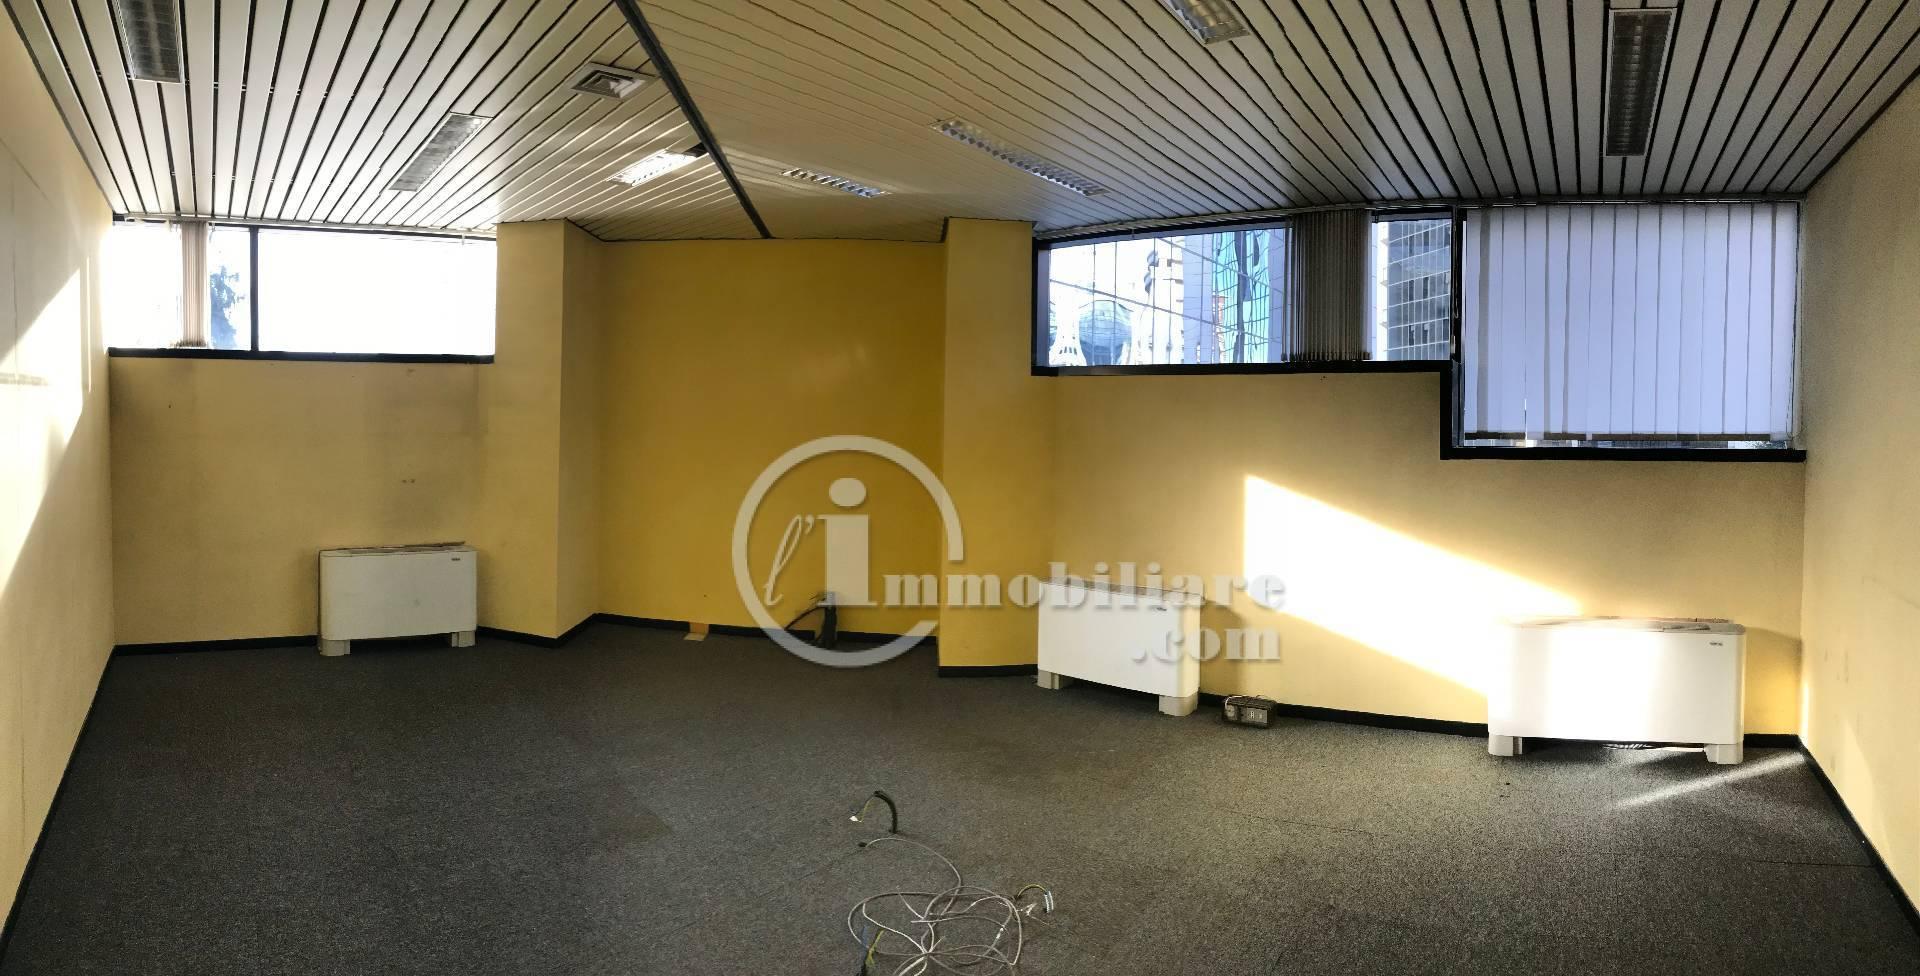 Ufficio / Studio in vendita a Gallarate, 9999 locali, zona Località: Centro, prezzo € 230.000   PortaleAgenzieImmobiliari.it